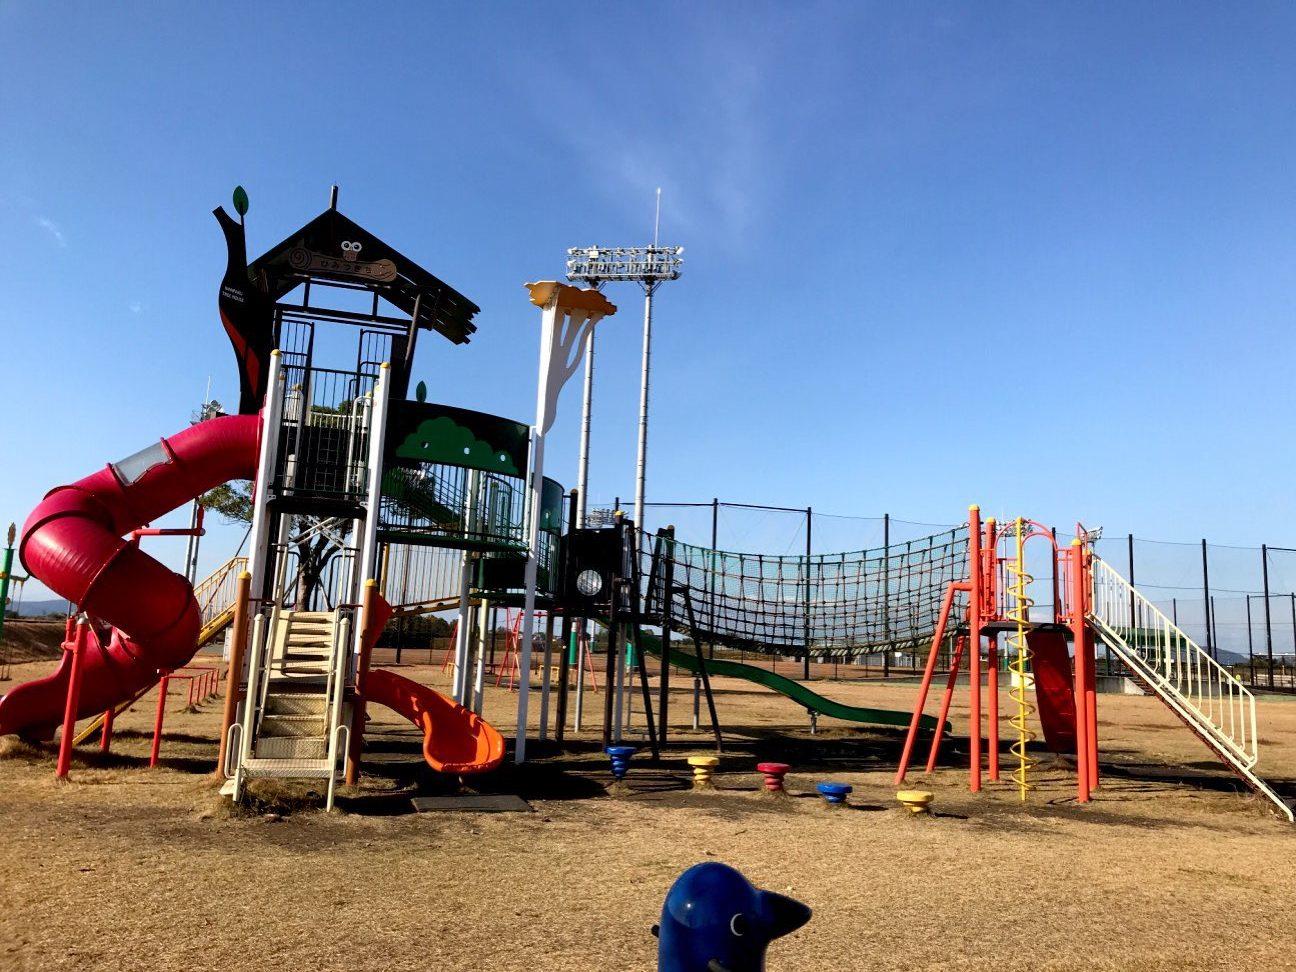 【あそびの原っぱ】嘉島町の公園!イオンからも近くて小さな子におススメ!